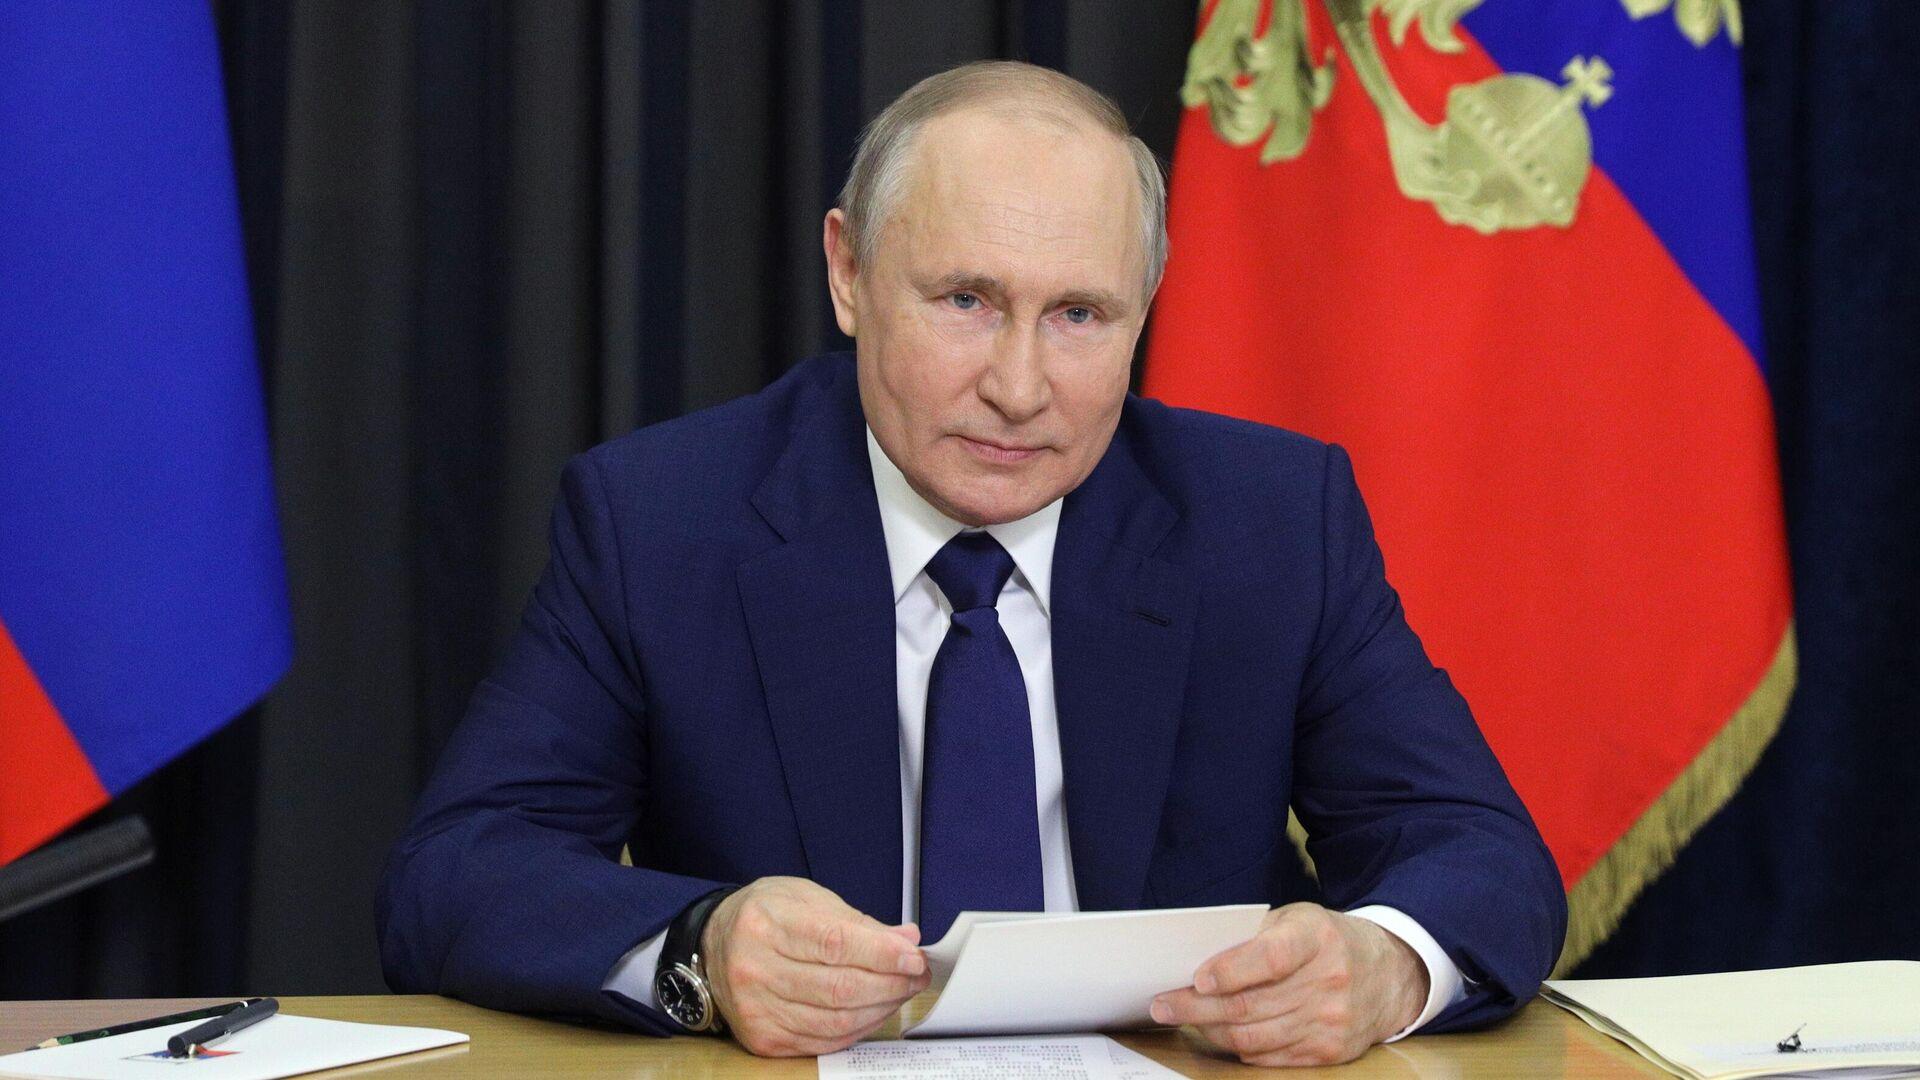 Президент РФ Владимир Путин во время встречи в режиме видеоконференции с семьями, награждёнными орденом Родительская слава - РИА Новости, 1920, 20.06.2021